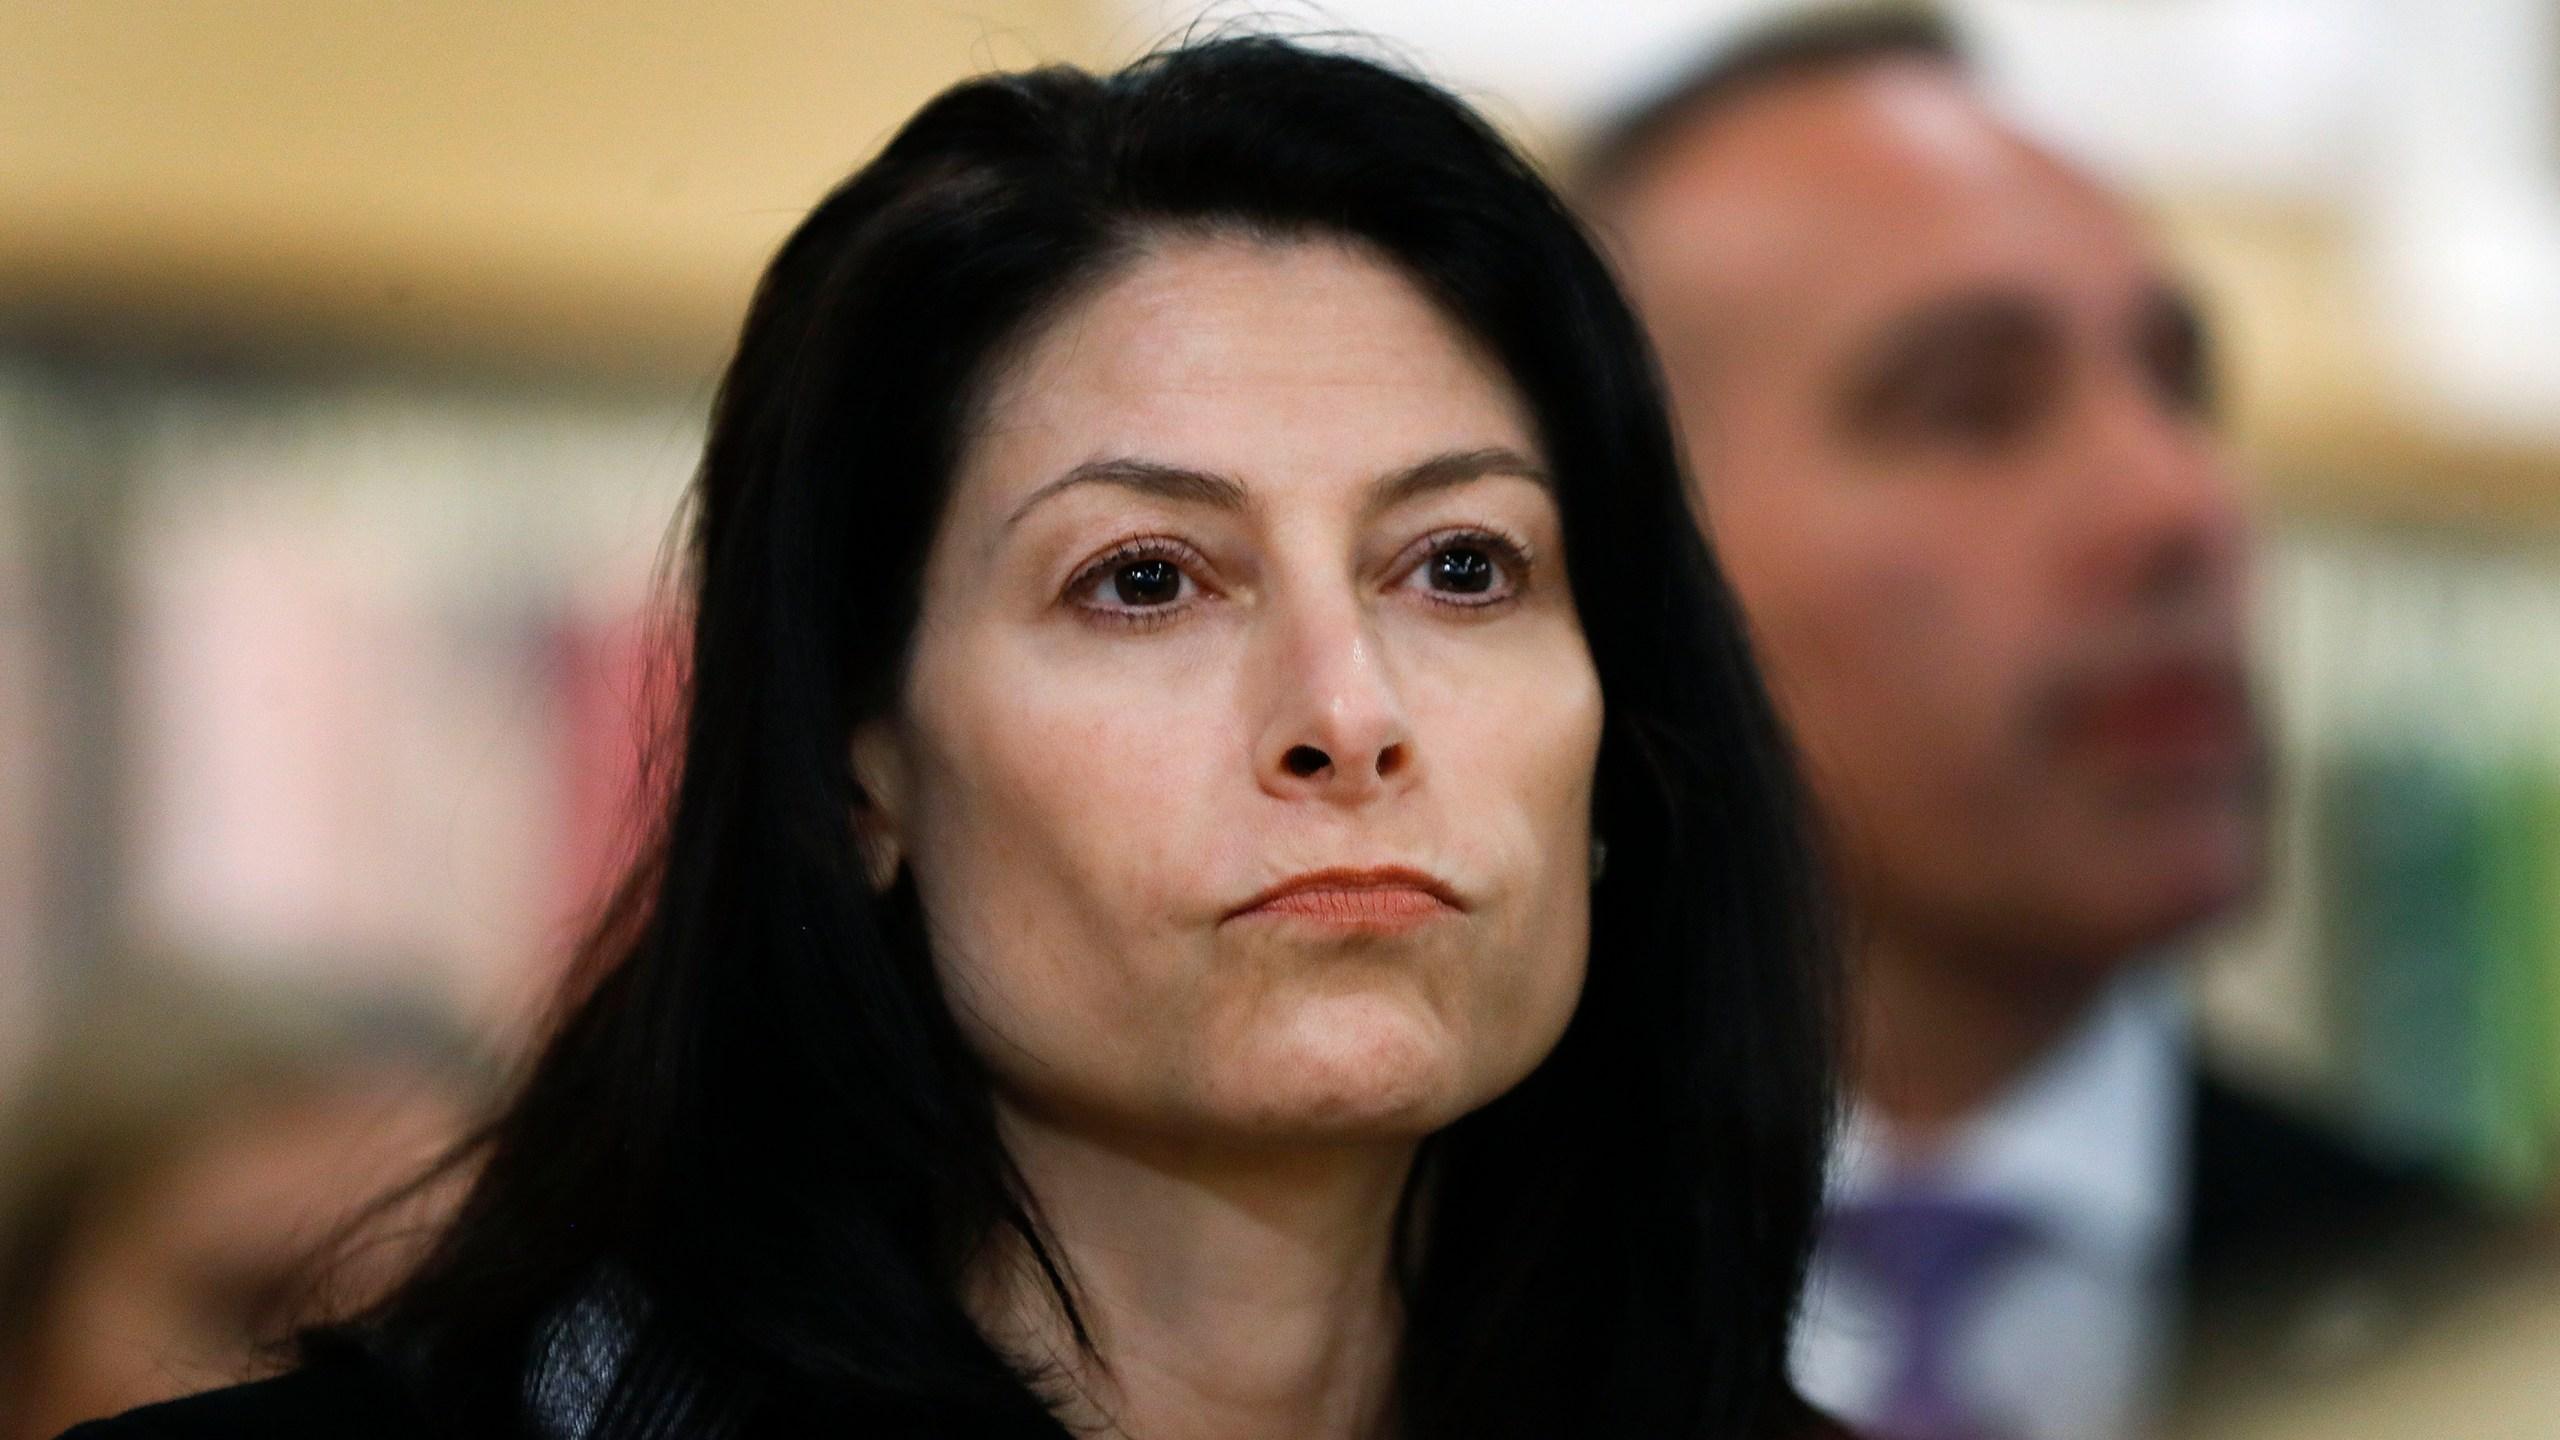 Dana Nessel